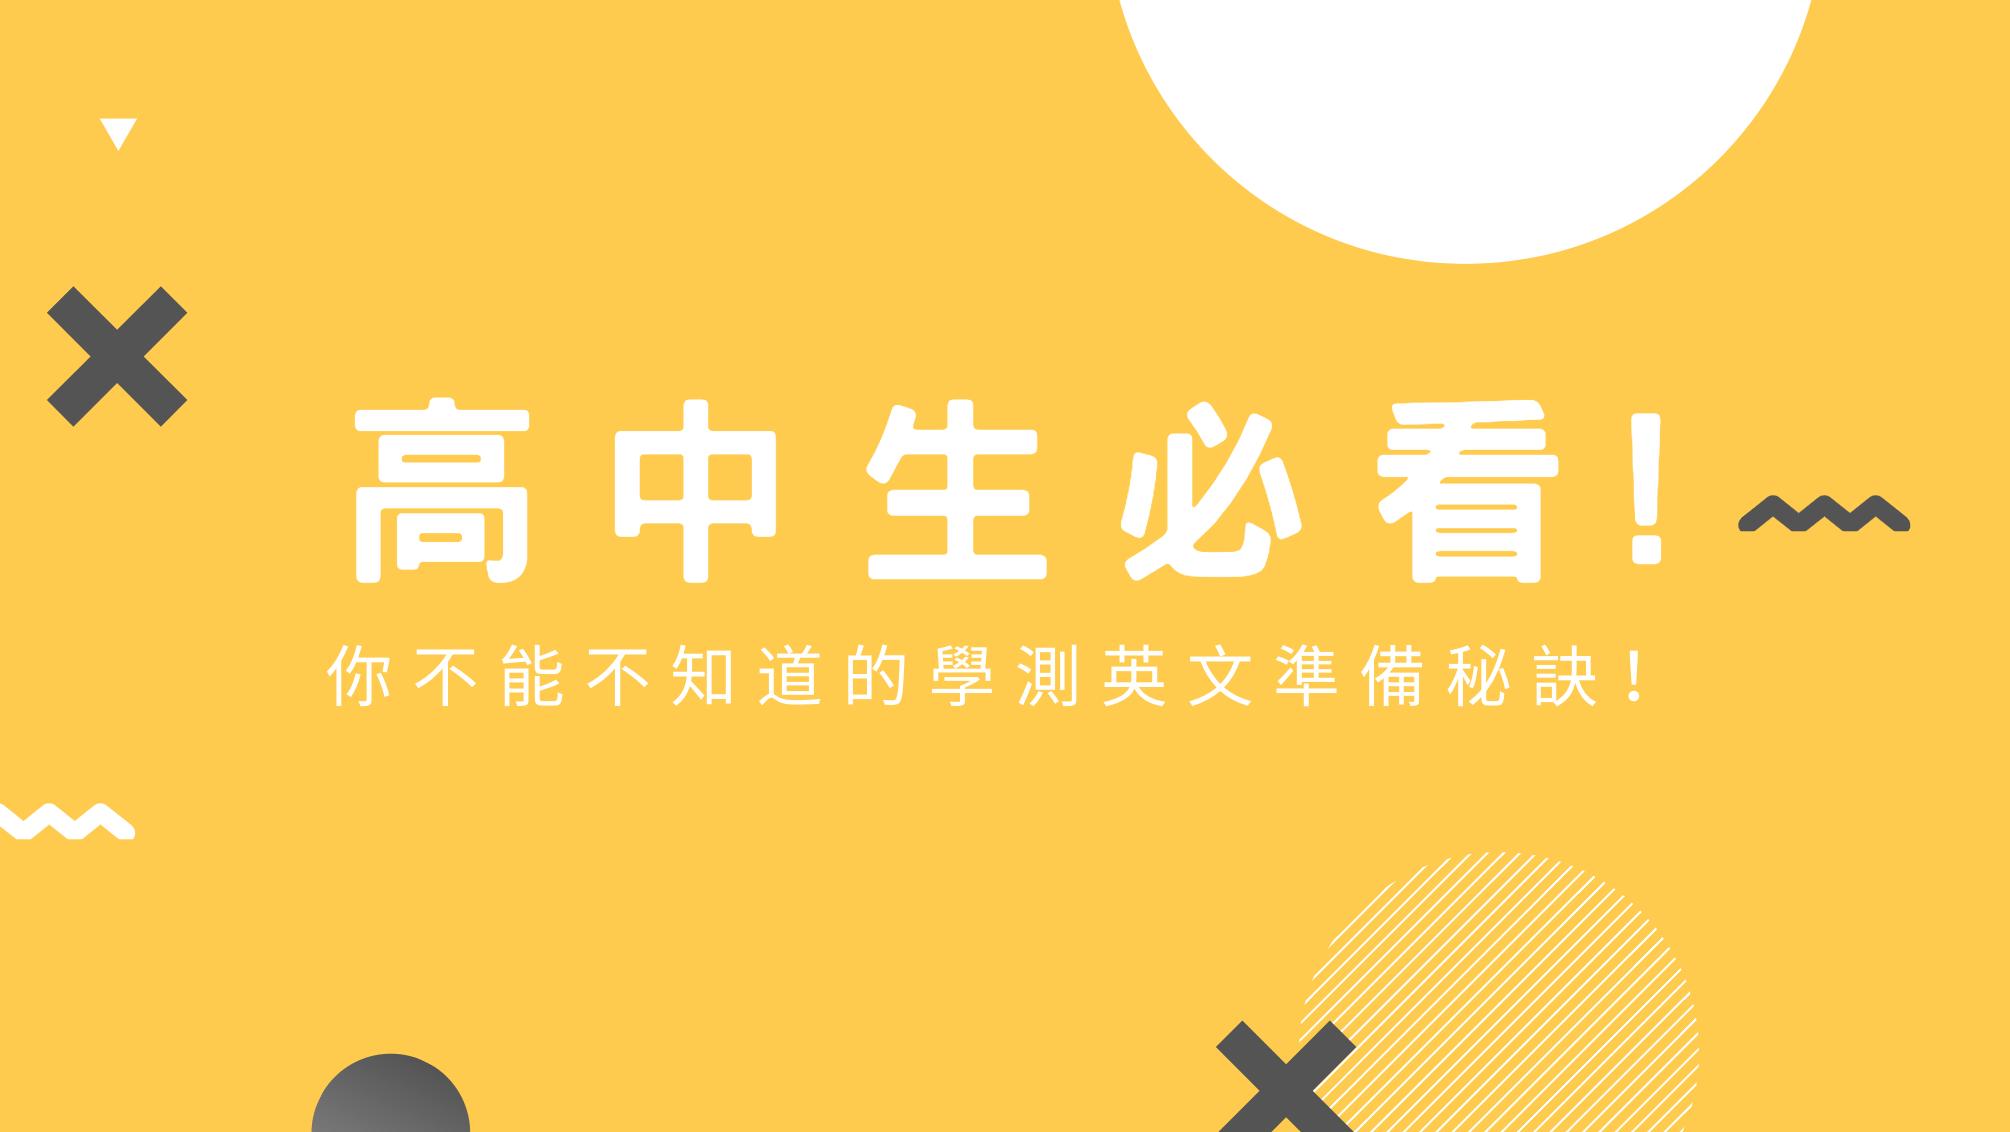 學測英文準備 - cover photo